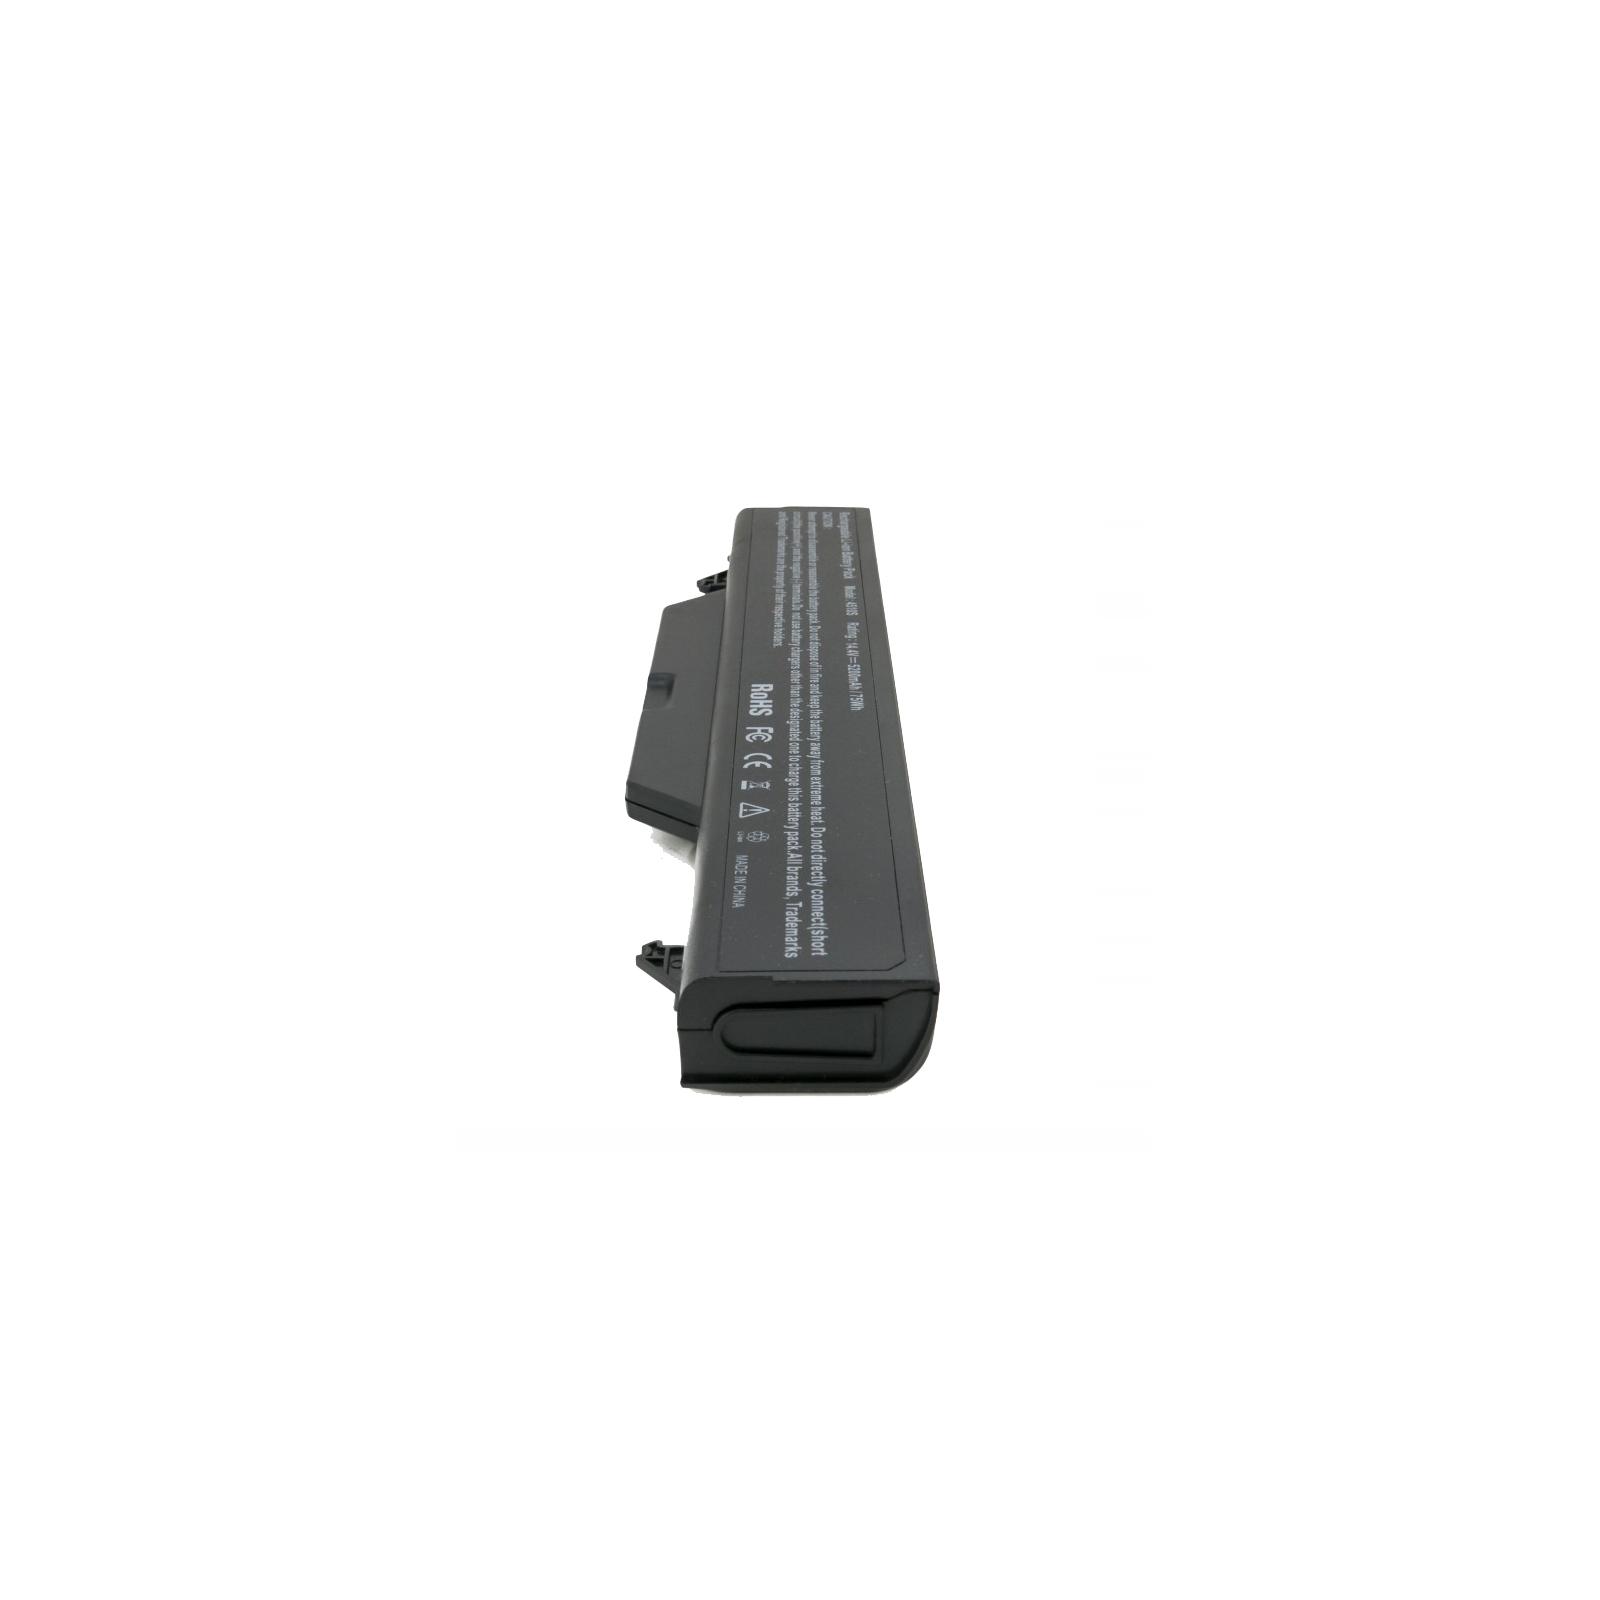 Аккумулятор для ноутбука HP ProBook 4510S (HSTNN-IB88) 5200 mAh, 75 Wh EXTRADIGITAL (BNH3939) изображение 5